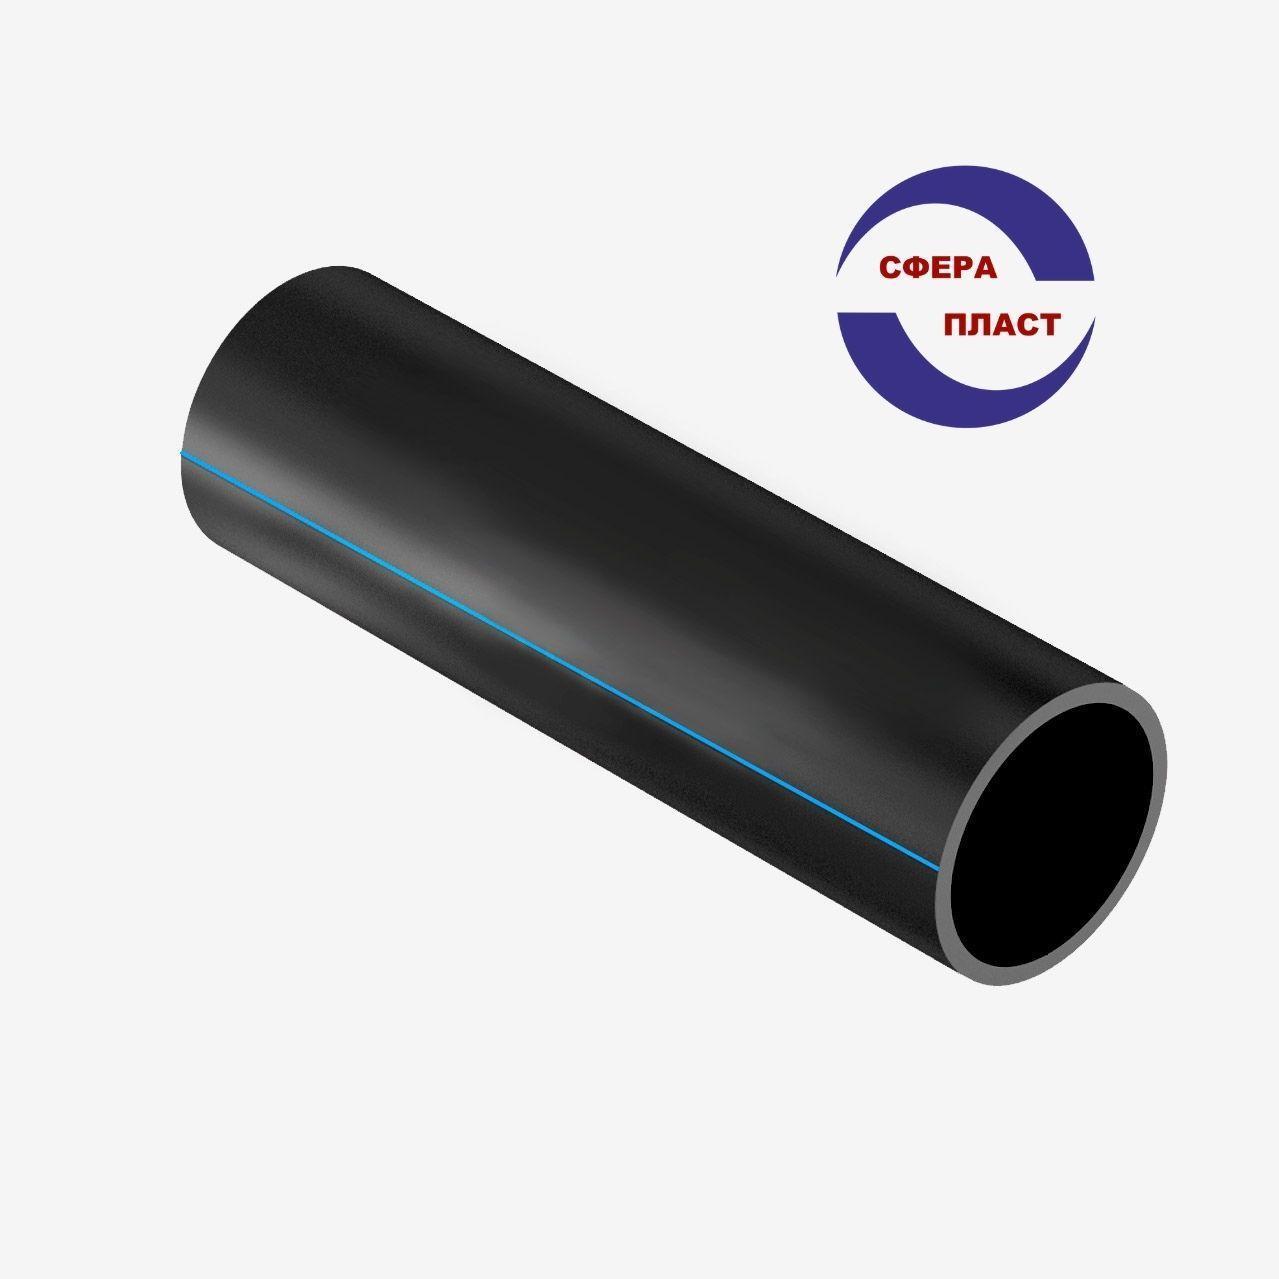 Труба Ду-630x24,1 SDR26 (6,3 атм) полиэтиленовая ПЭ-100